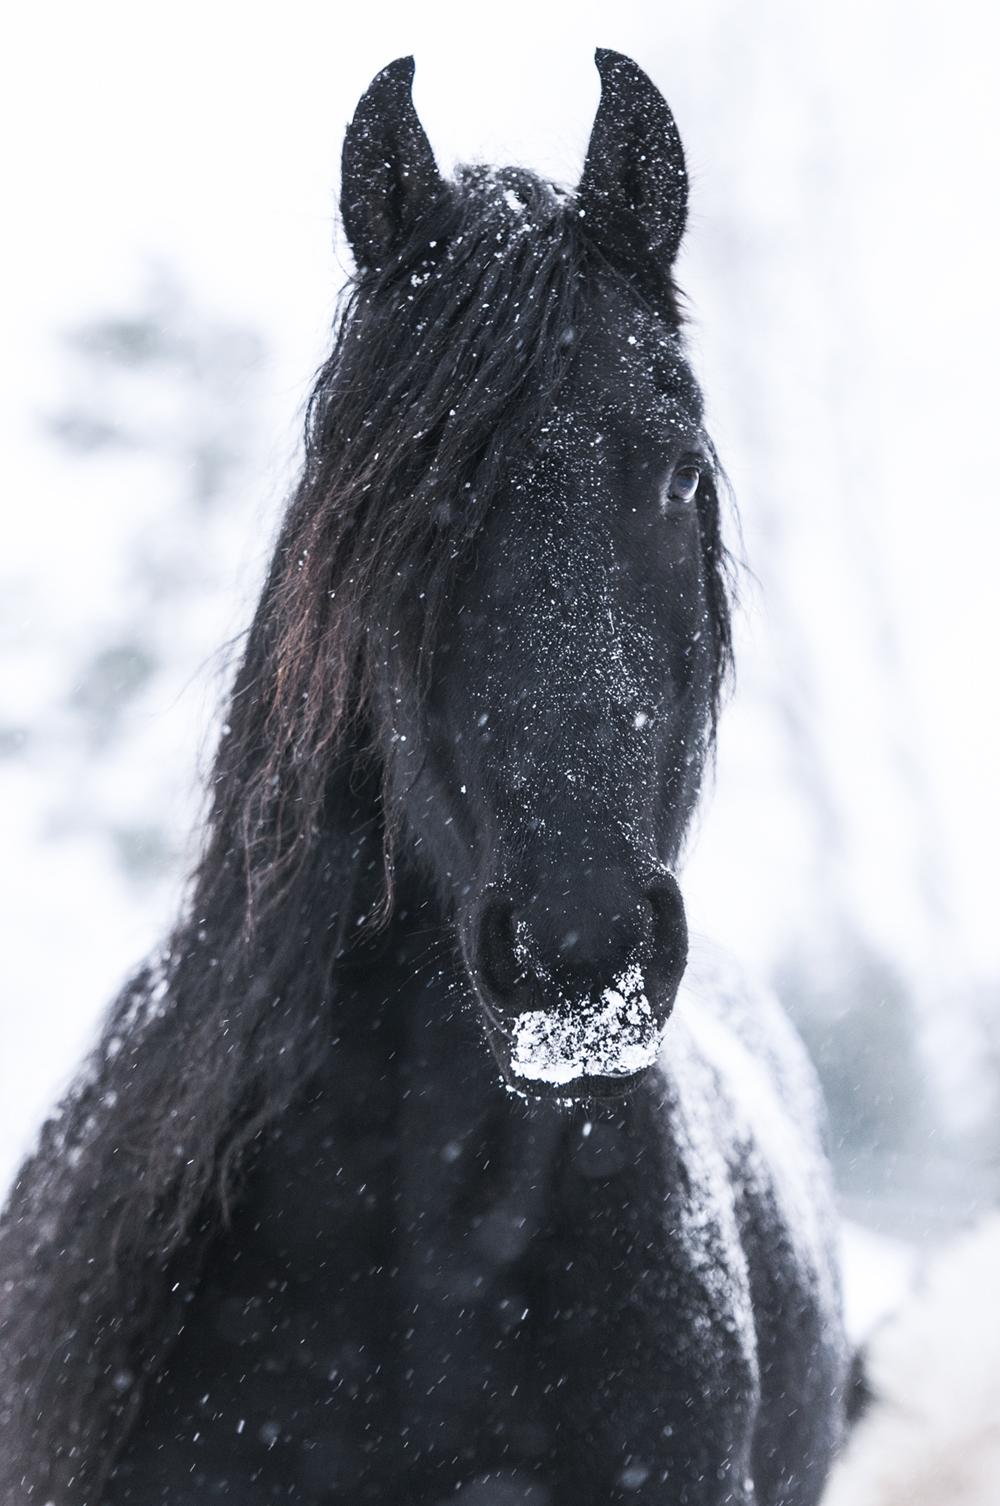 friesian matilde brandt snow11